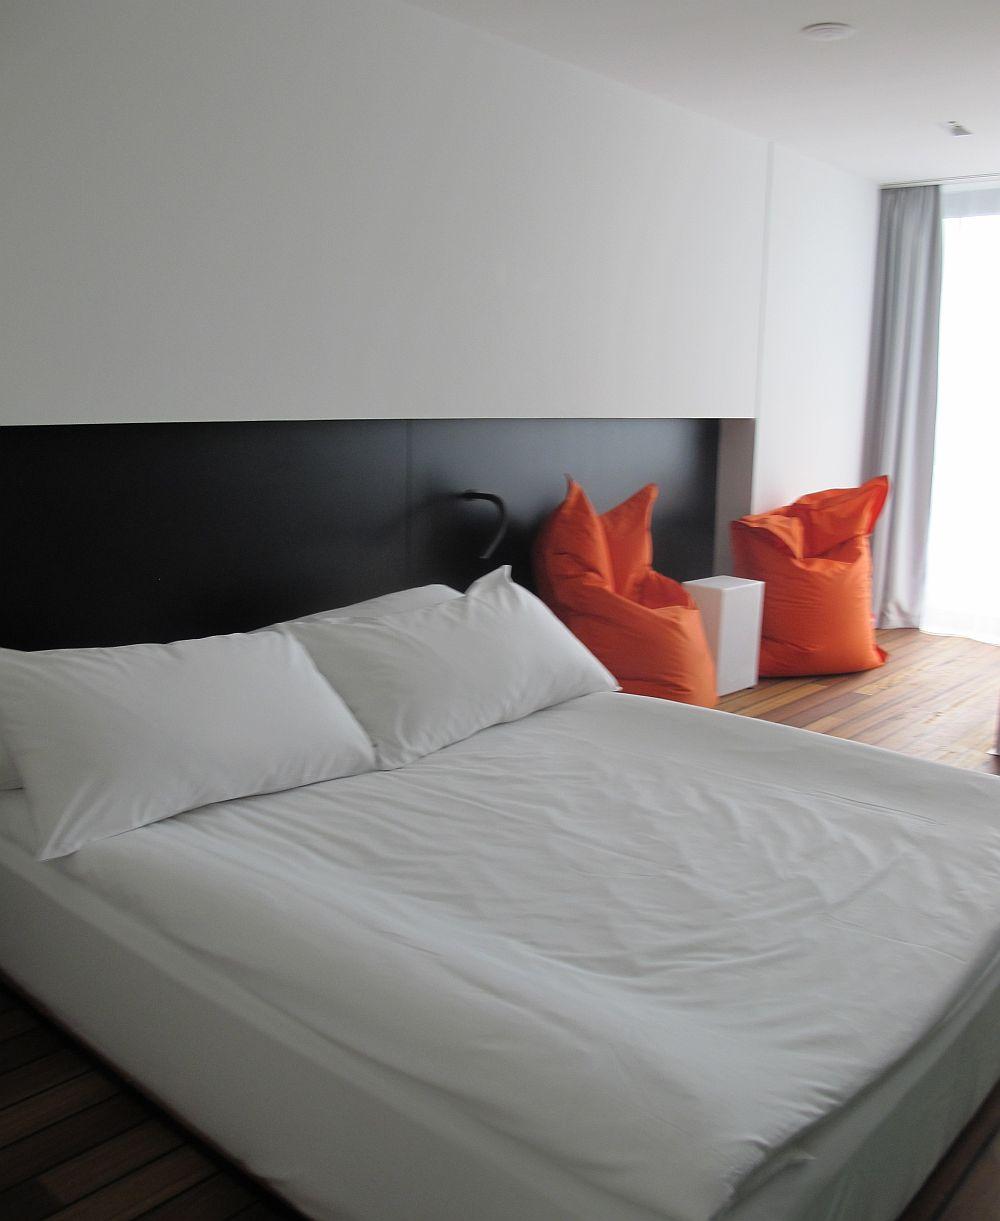 adelaparvu.com despre Hotel Privo, TgMures, Romania, architectura De3 Grup (42)